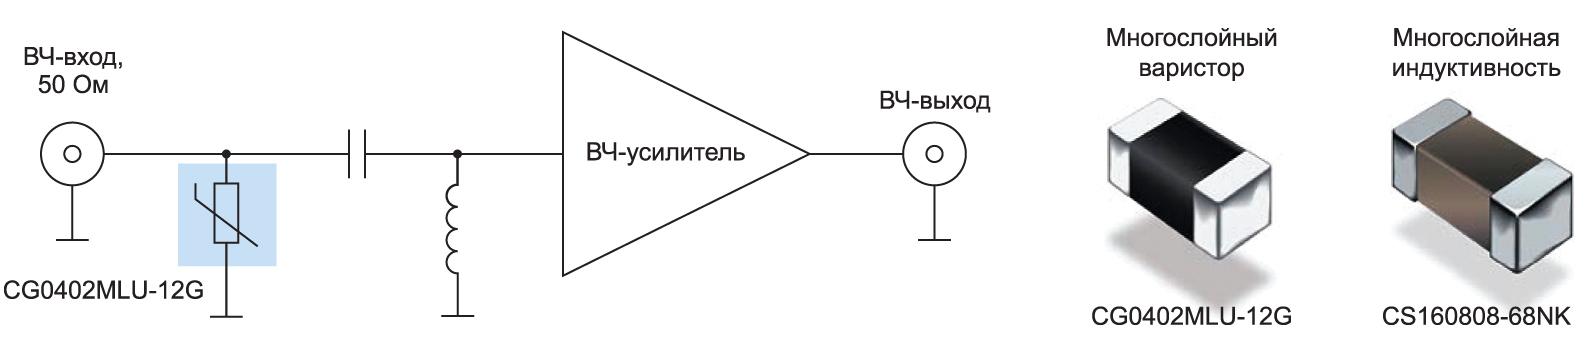 Типовая организация ESD-защиты VHF/UHF порта на элементе CG0402MLU -12G серии ChipGuard